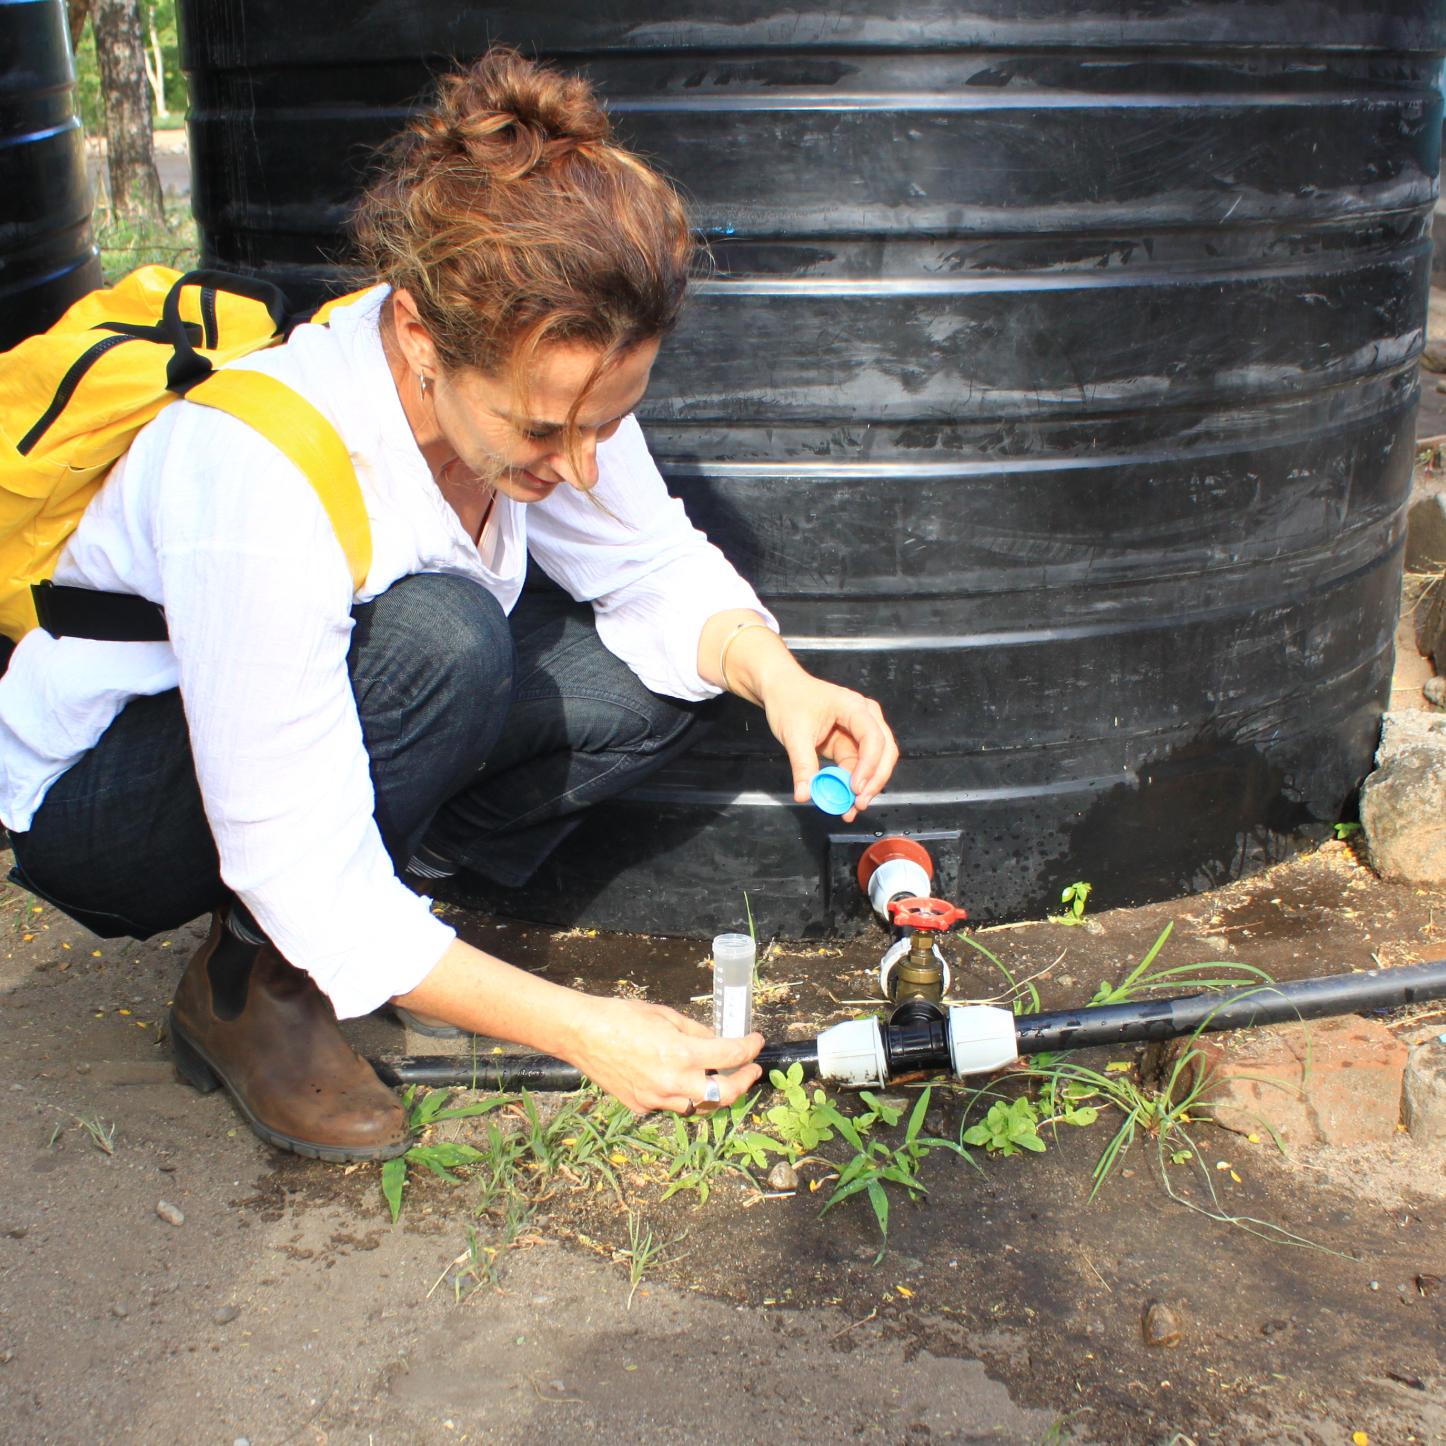 """מחקר לתואר שני בחוג ללימודי הסביבה מגיע לאפריקה לבחון מערכות המופעלות ע""""י הקהילה המקומית לטיפול במים לצרכי שתייה"""